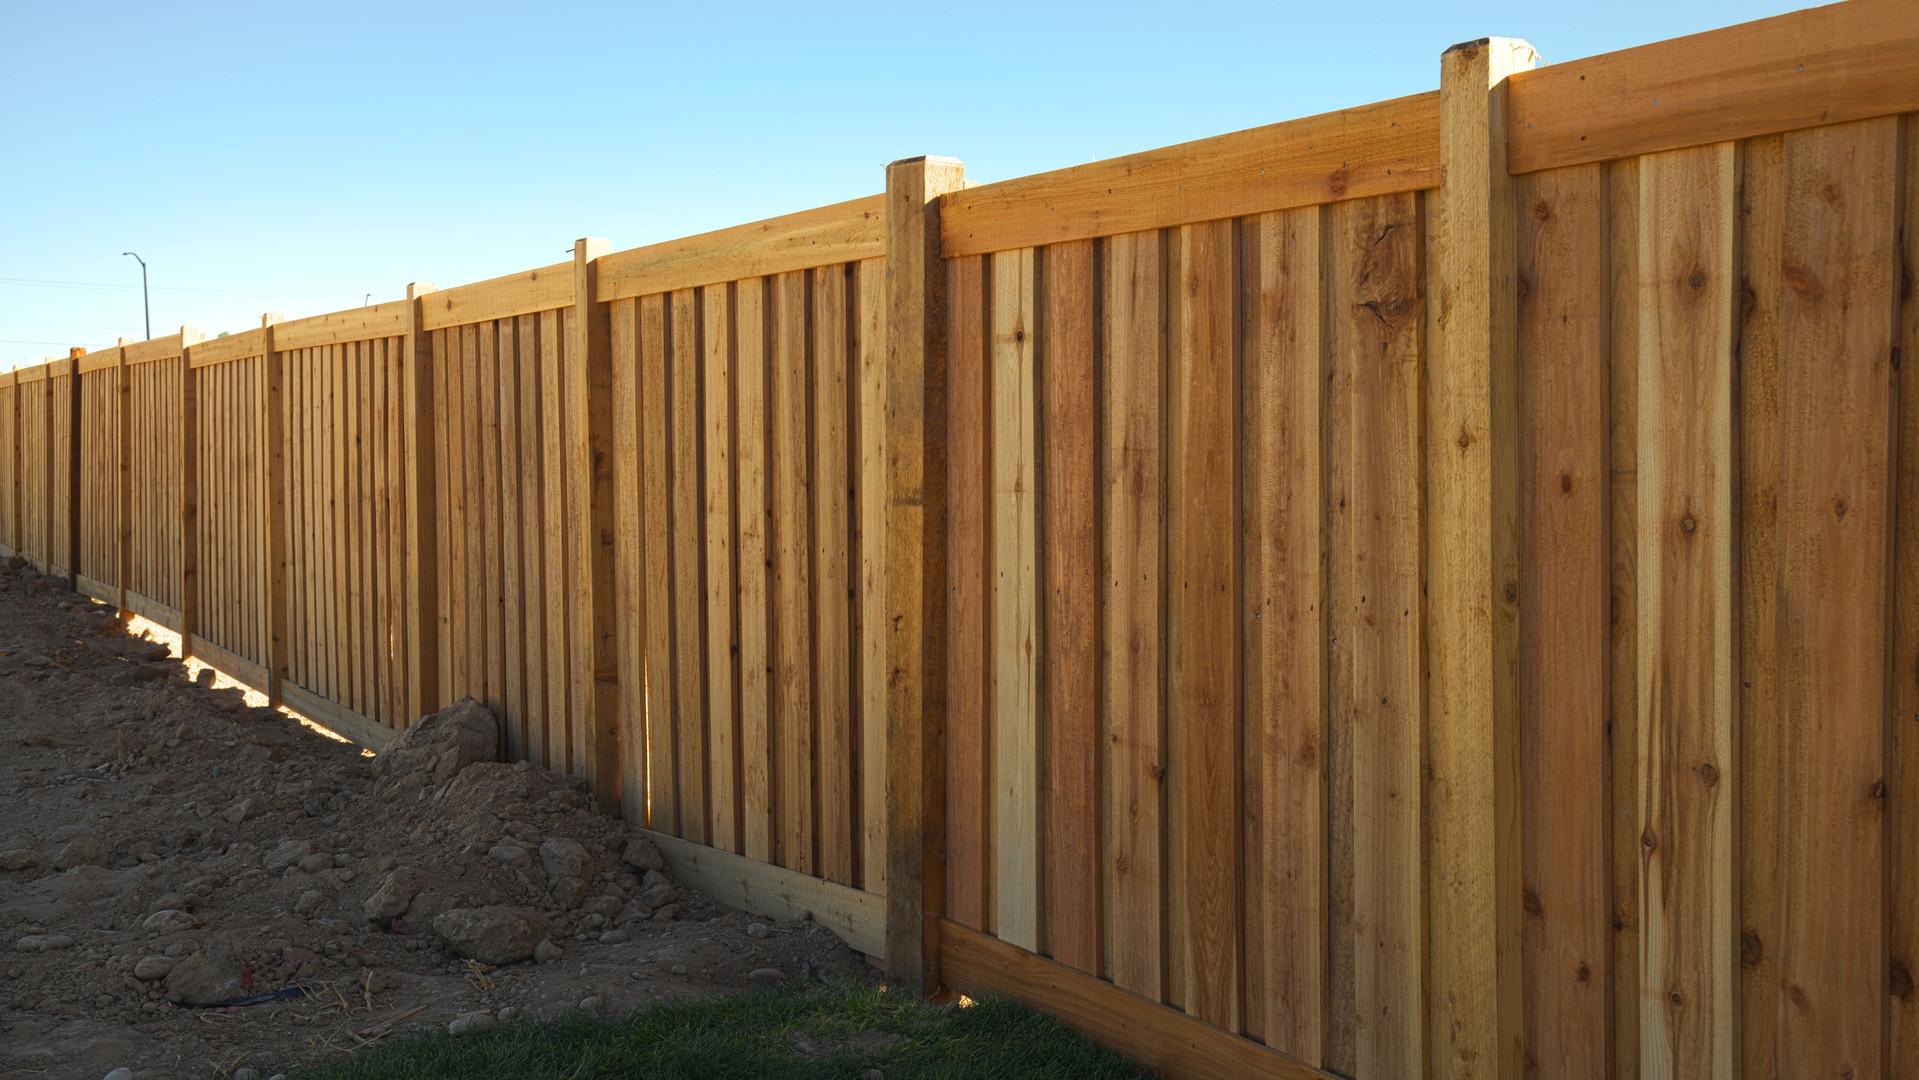 Cedar Board on Board Picture Frame Fence